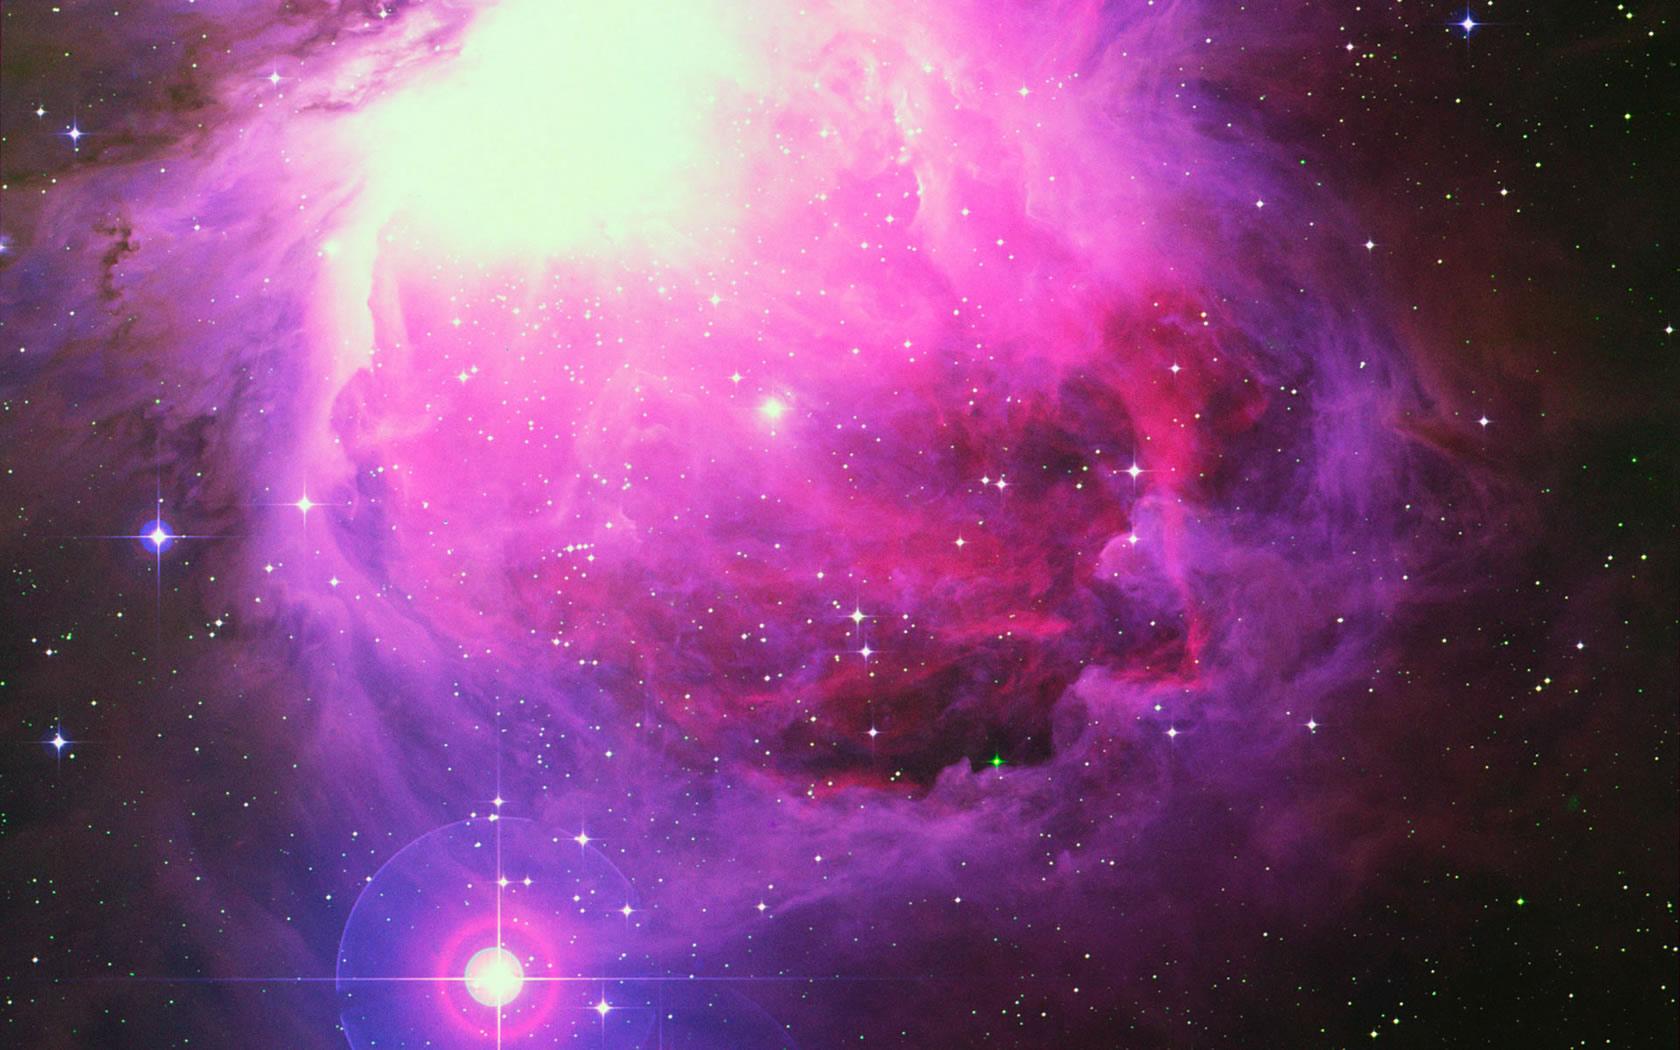 картинки для ютьюб космос очень